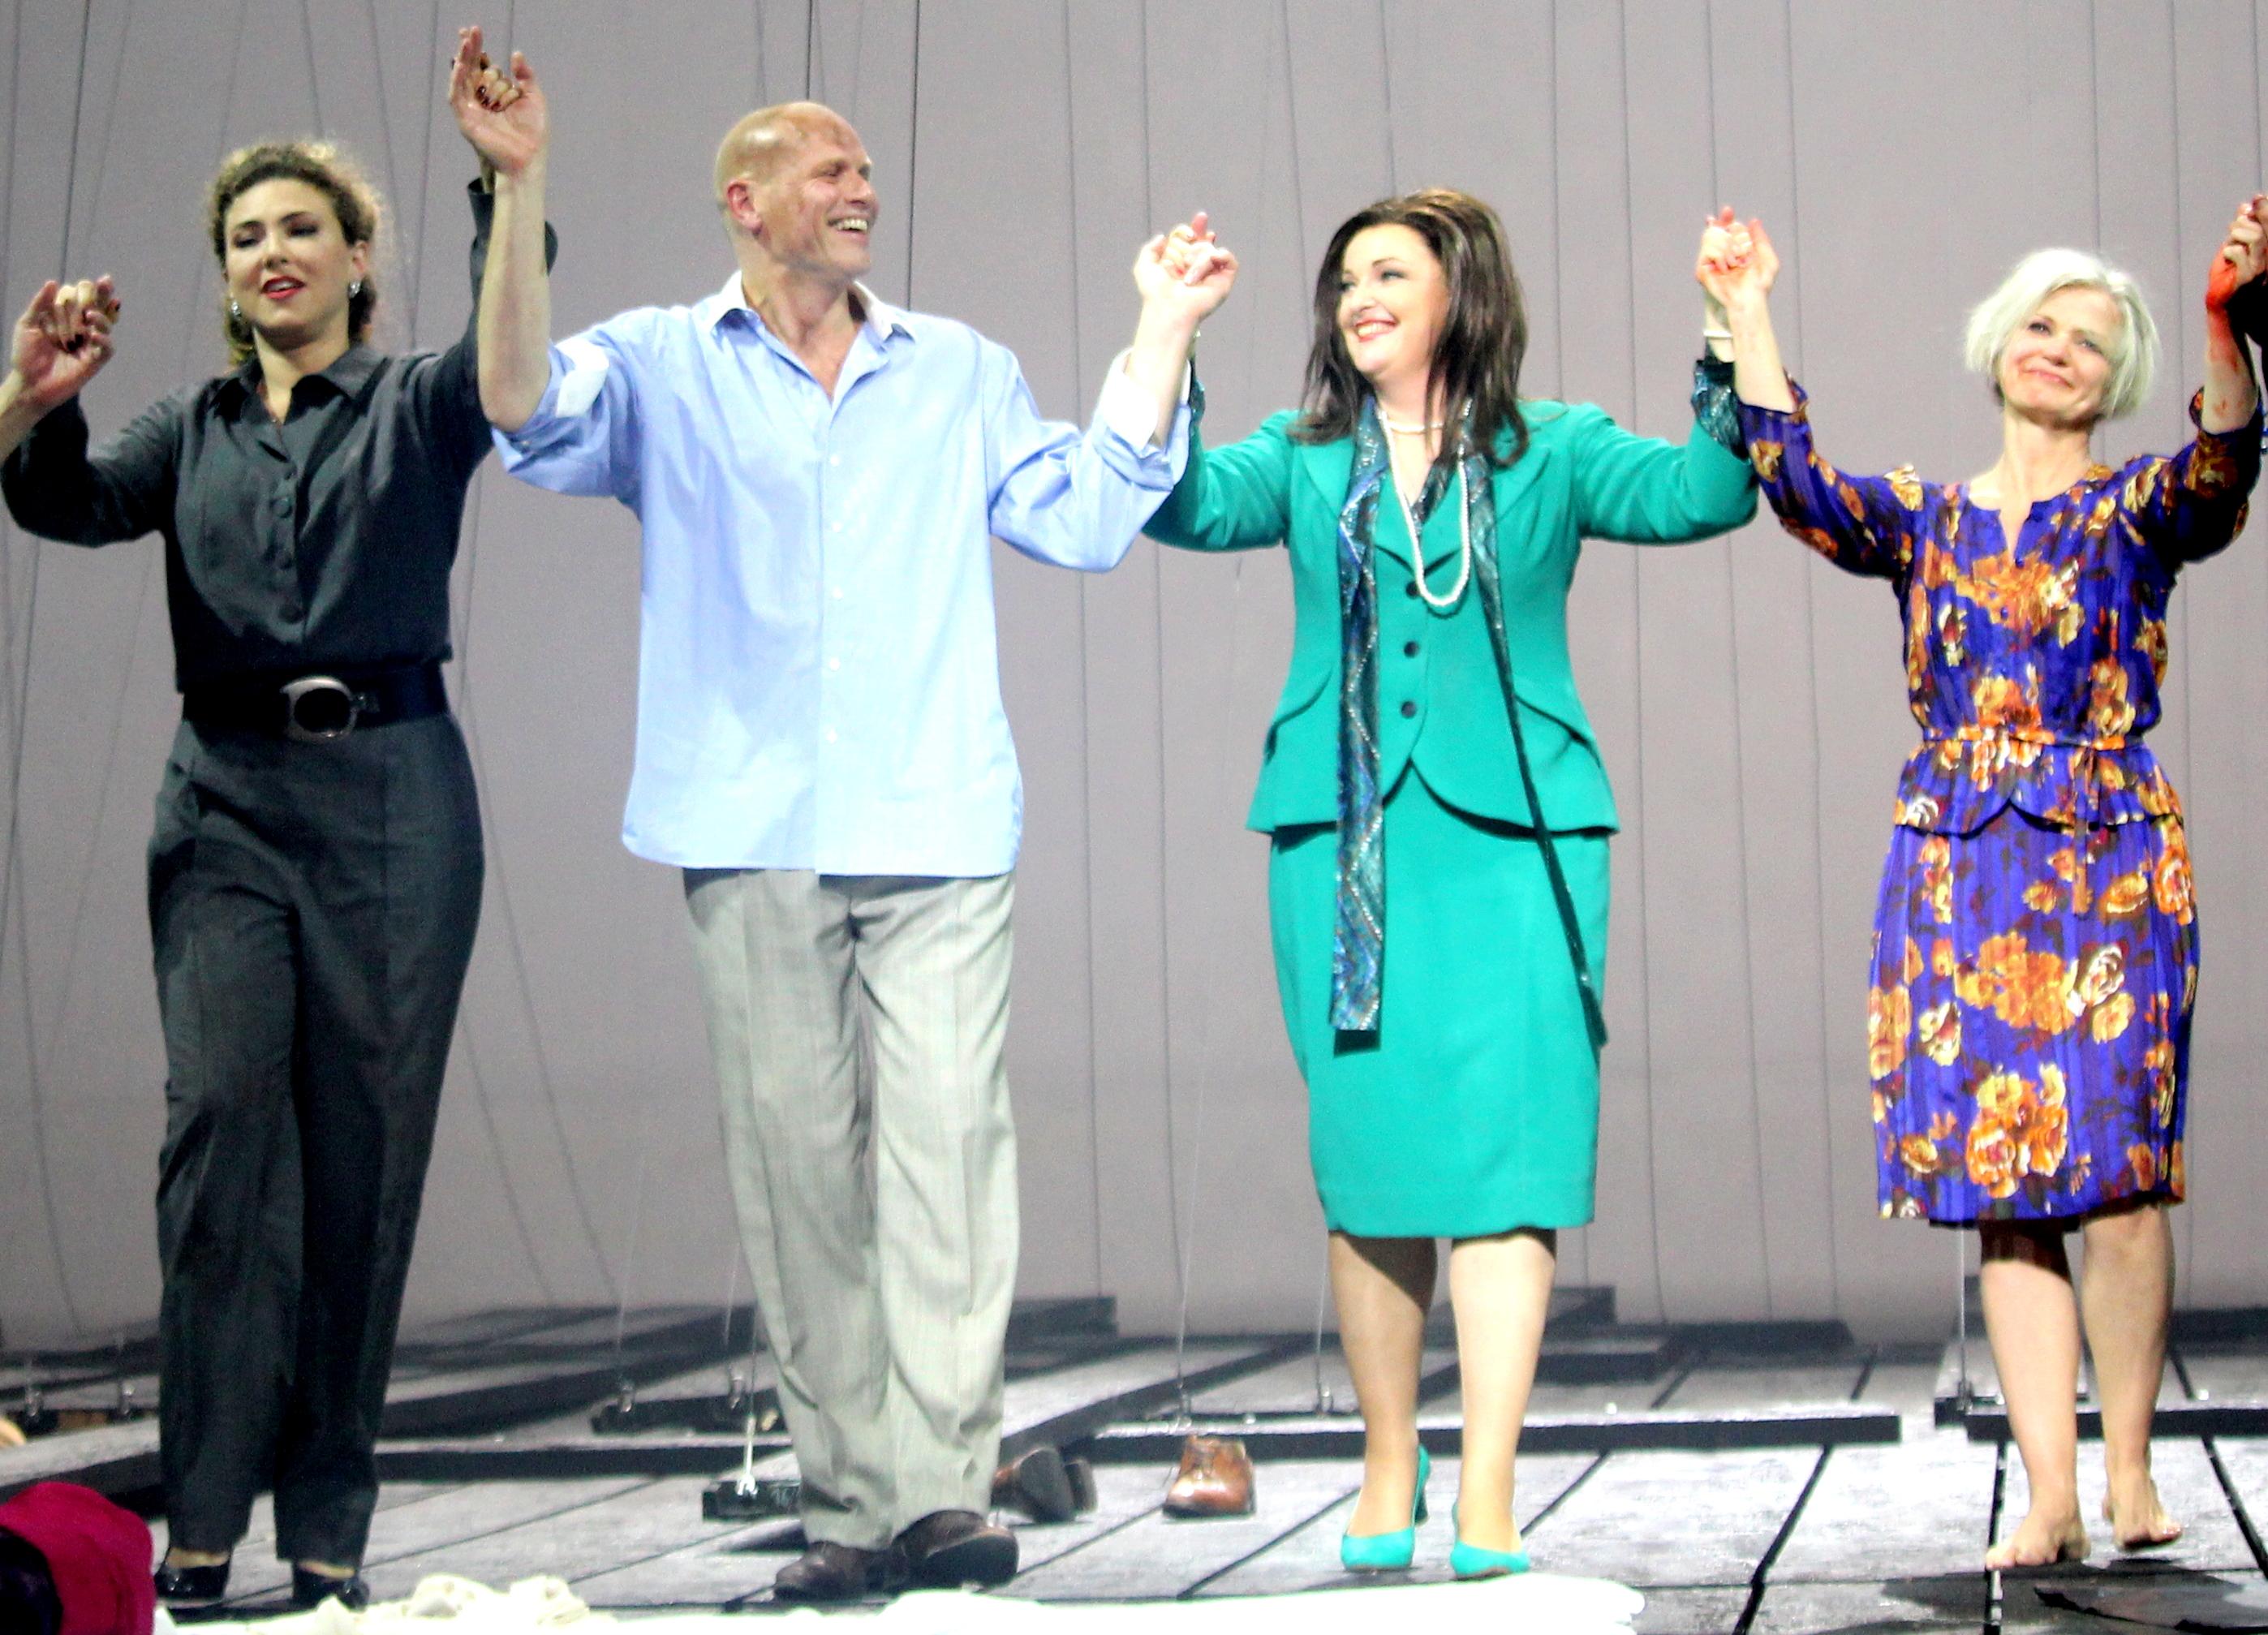 Annette Dasch (Cordelia), Bo Skovhus (Lear), Ricarda Merbeth (Goneril), Erika Sunnegårdh (Regan)